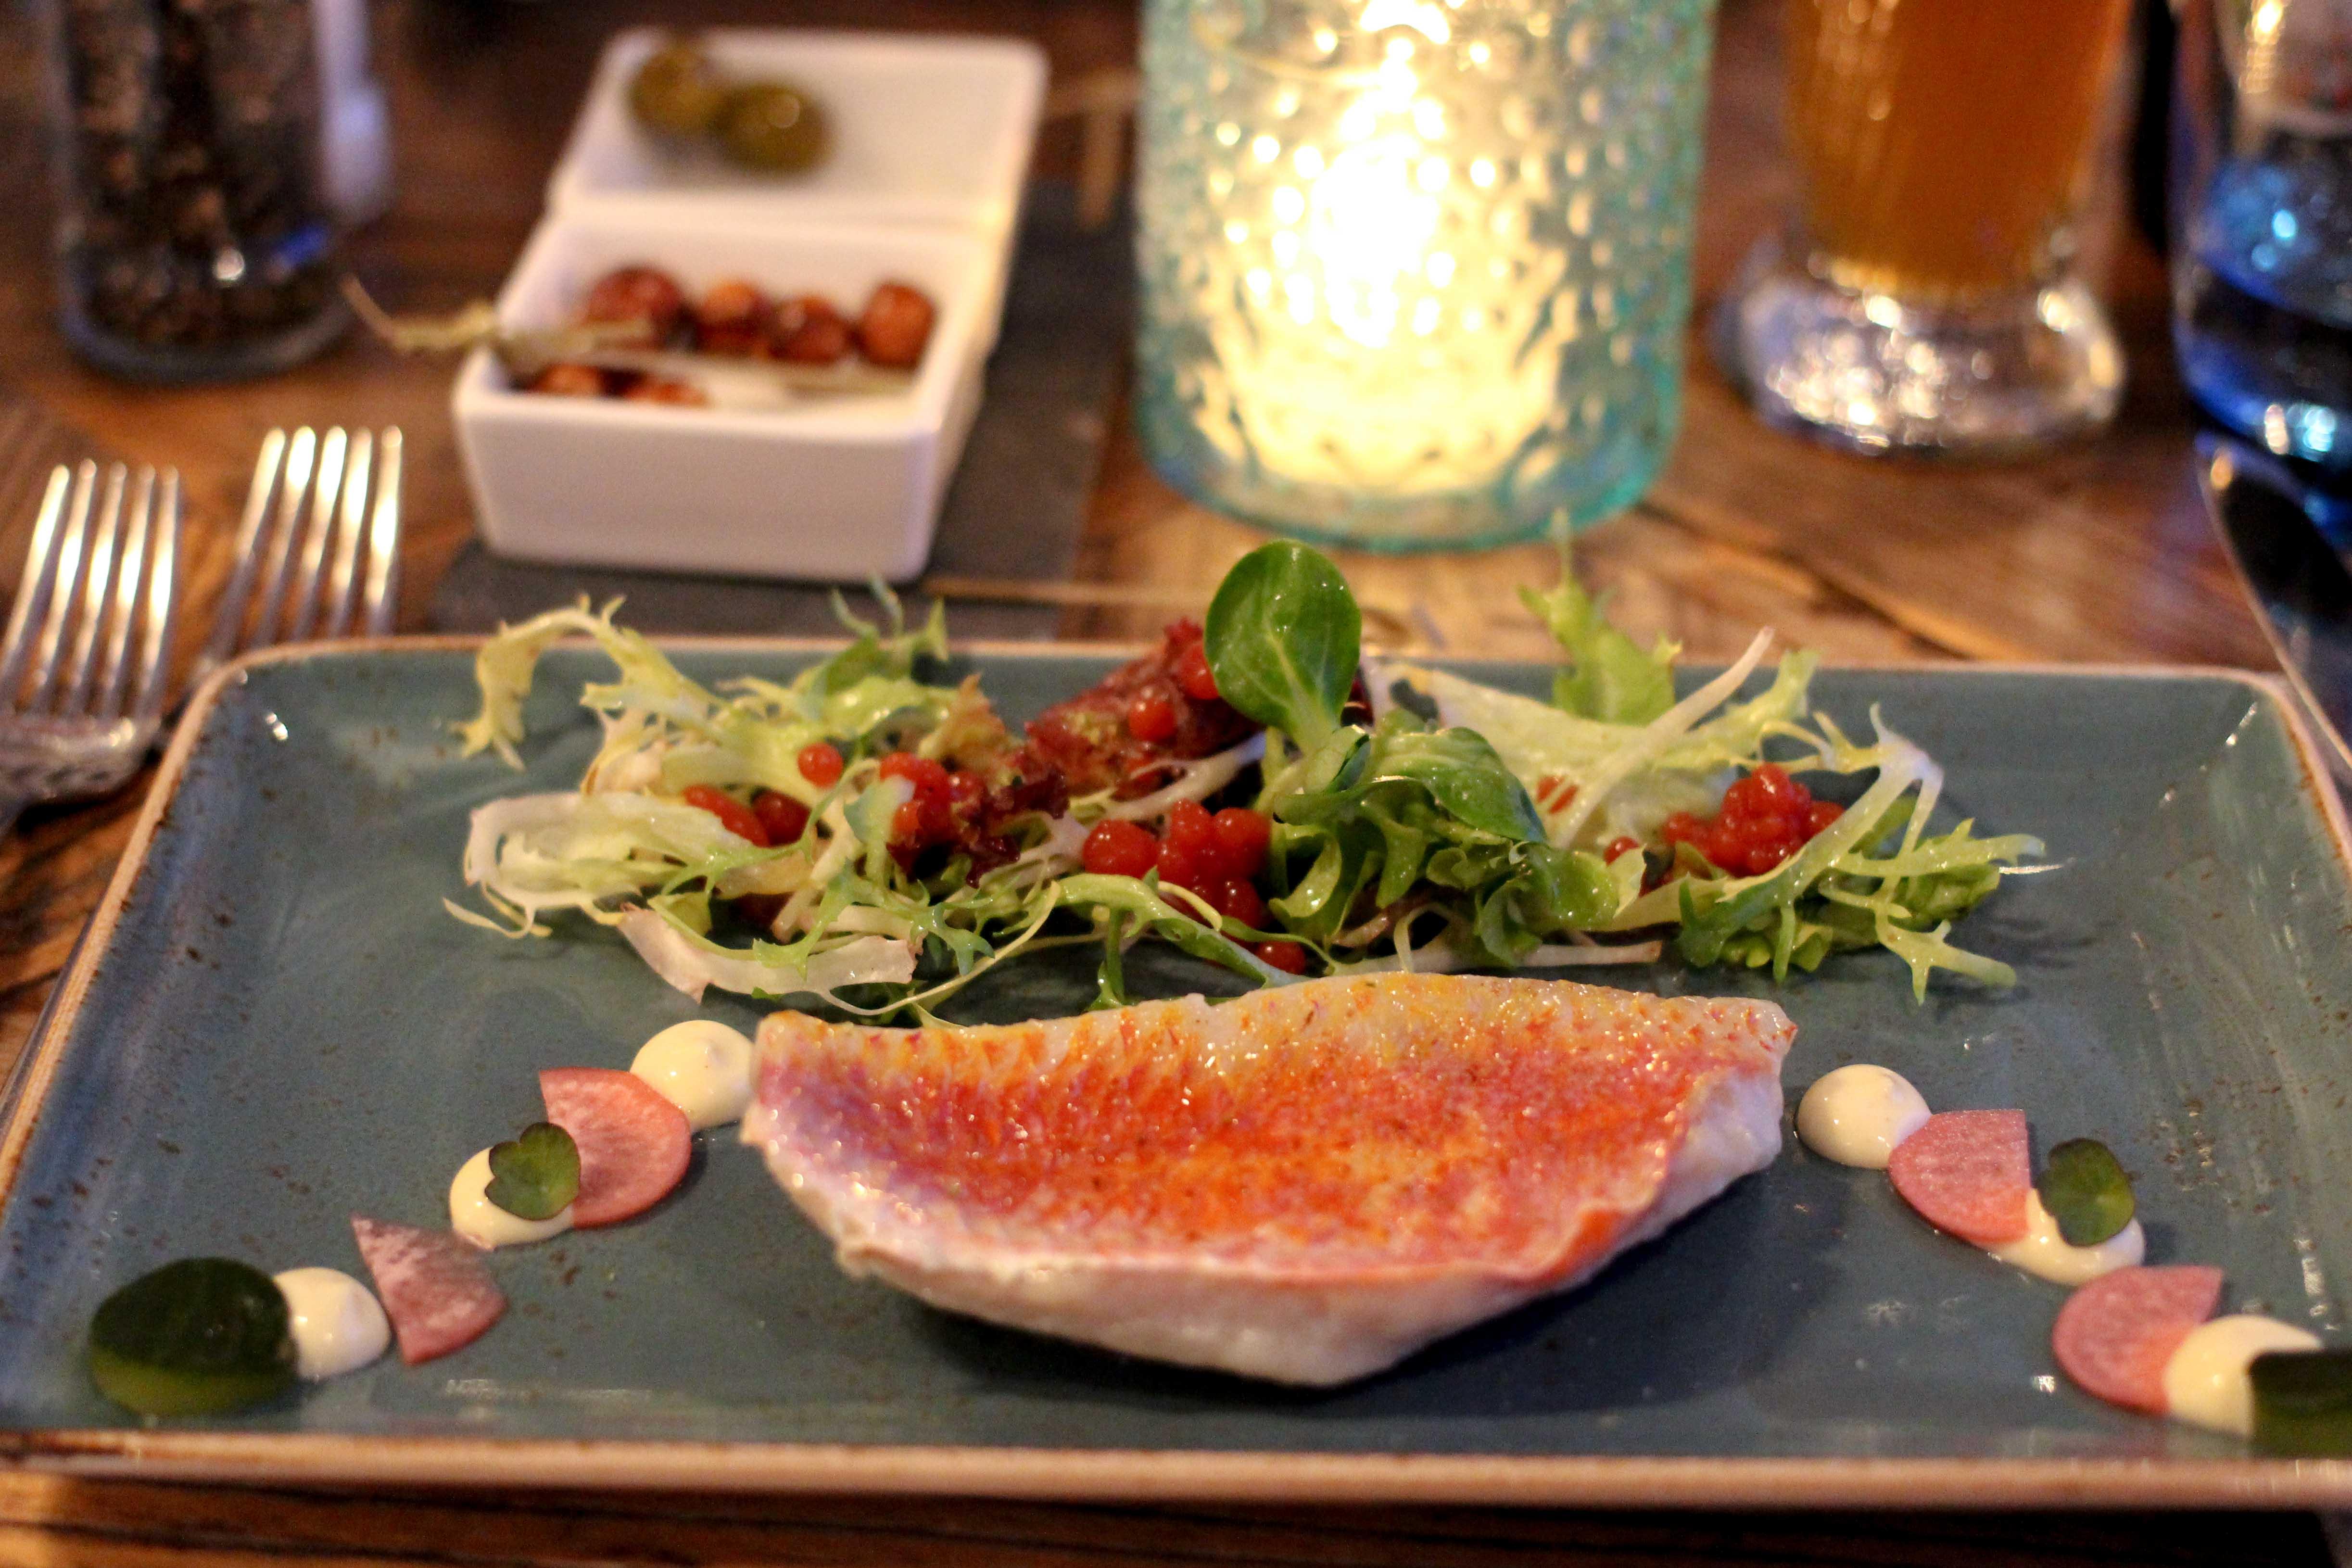 Holland Wochenendtrip Dinner in De Korenmolen Restaurant Appeltern 3 Gänge Menü Vorspeise das andere Holland Reiseblog